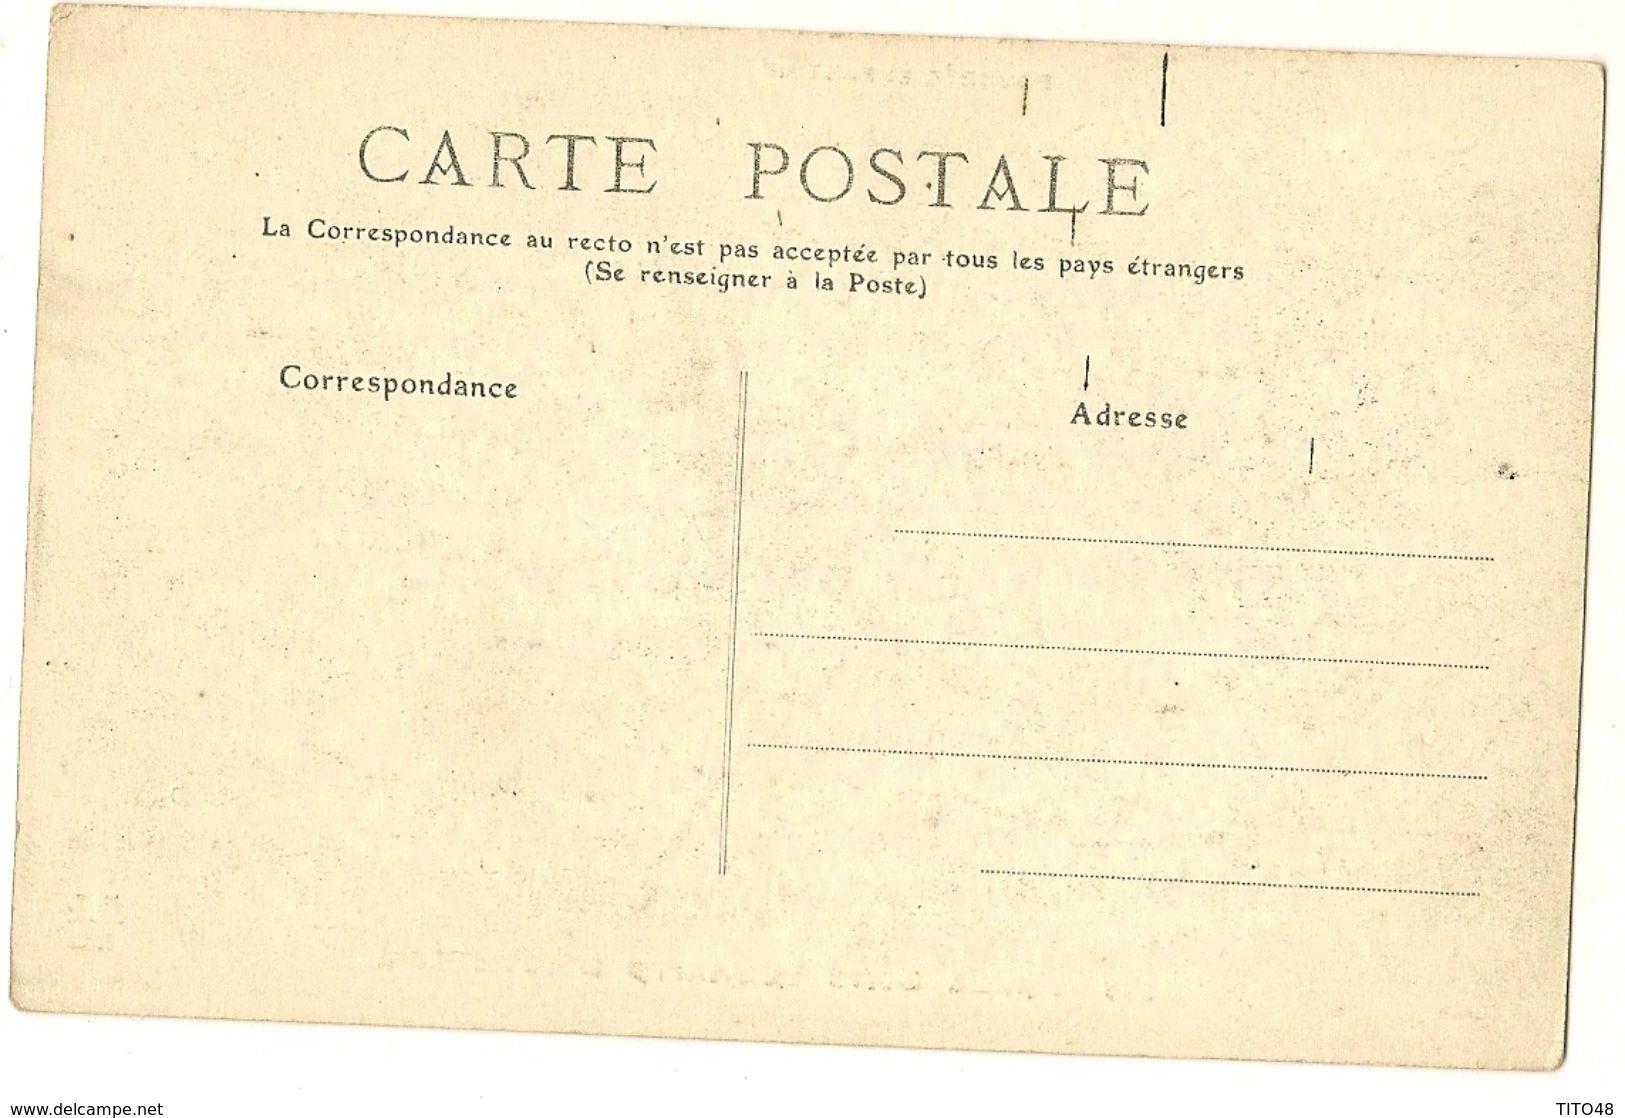 AUVERGNE - Bourrée Enfantine - Mille Bon Souhaits D'Auvergne - France